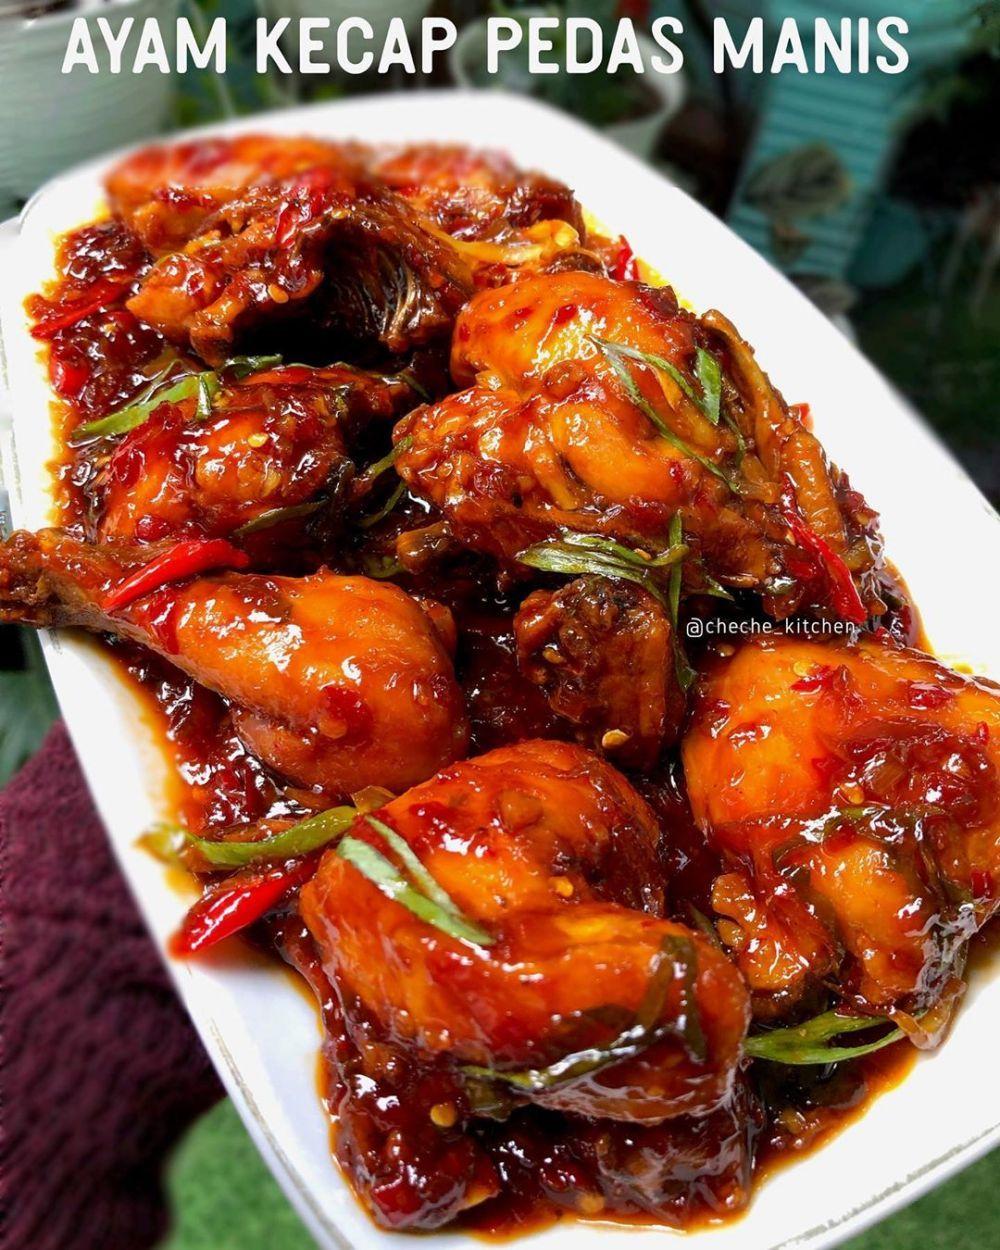 Tambahkan Kecap Manis Kecap Asin Saus Tiram Merica Bubuk Tepung Maizena Garam Daun Bawang Dan Cabai Mera Resep Ayam Resep Masakan Resep Masakan Ramadhan